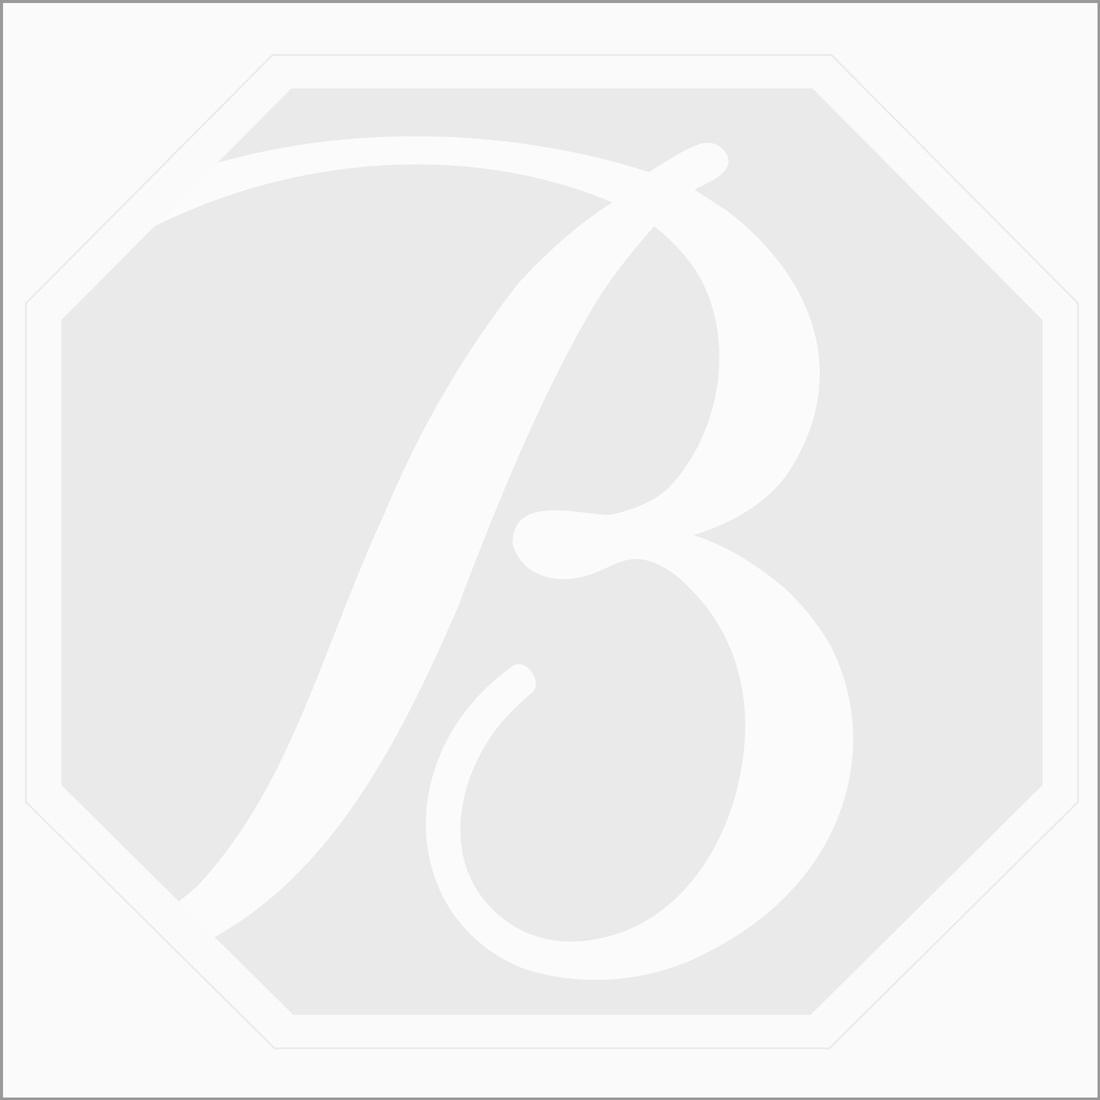 10 Pcs - Dark Brown Smoky Quartz Rose Cut - 178.96 ct. - 22 x 16 x 4 mm to 29 x 18 x 5 mm (SQRC1006)